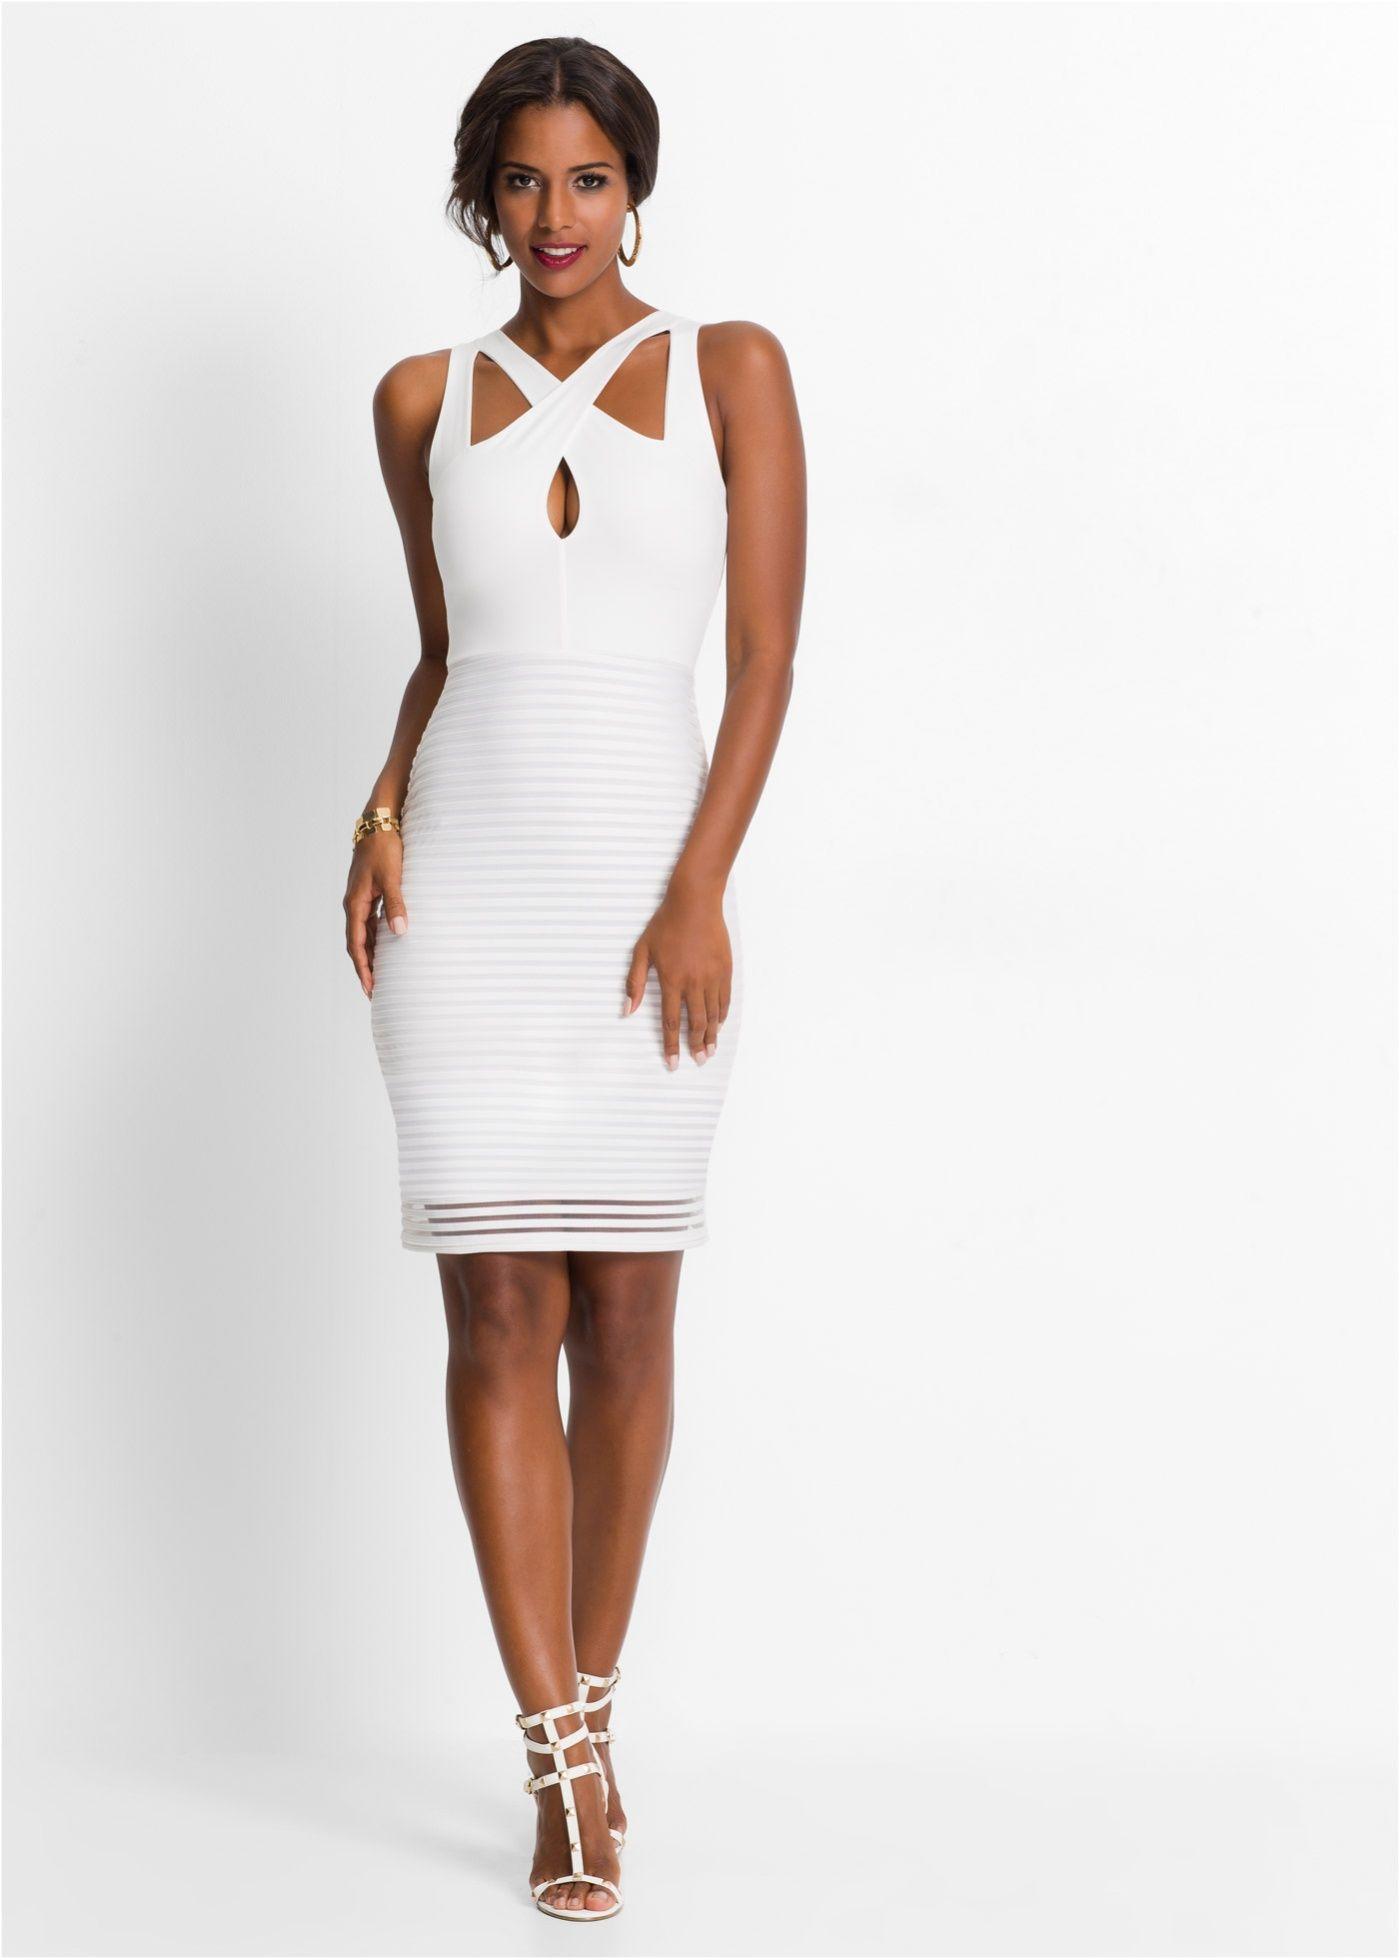 Kleid weiß - BODYFLIRT boutique jetzt im Online Shop von bonprix.de ...